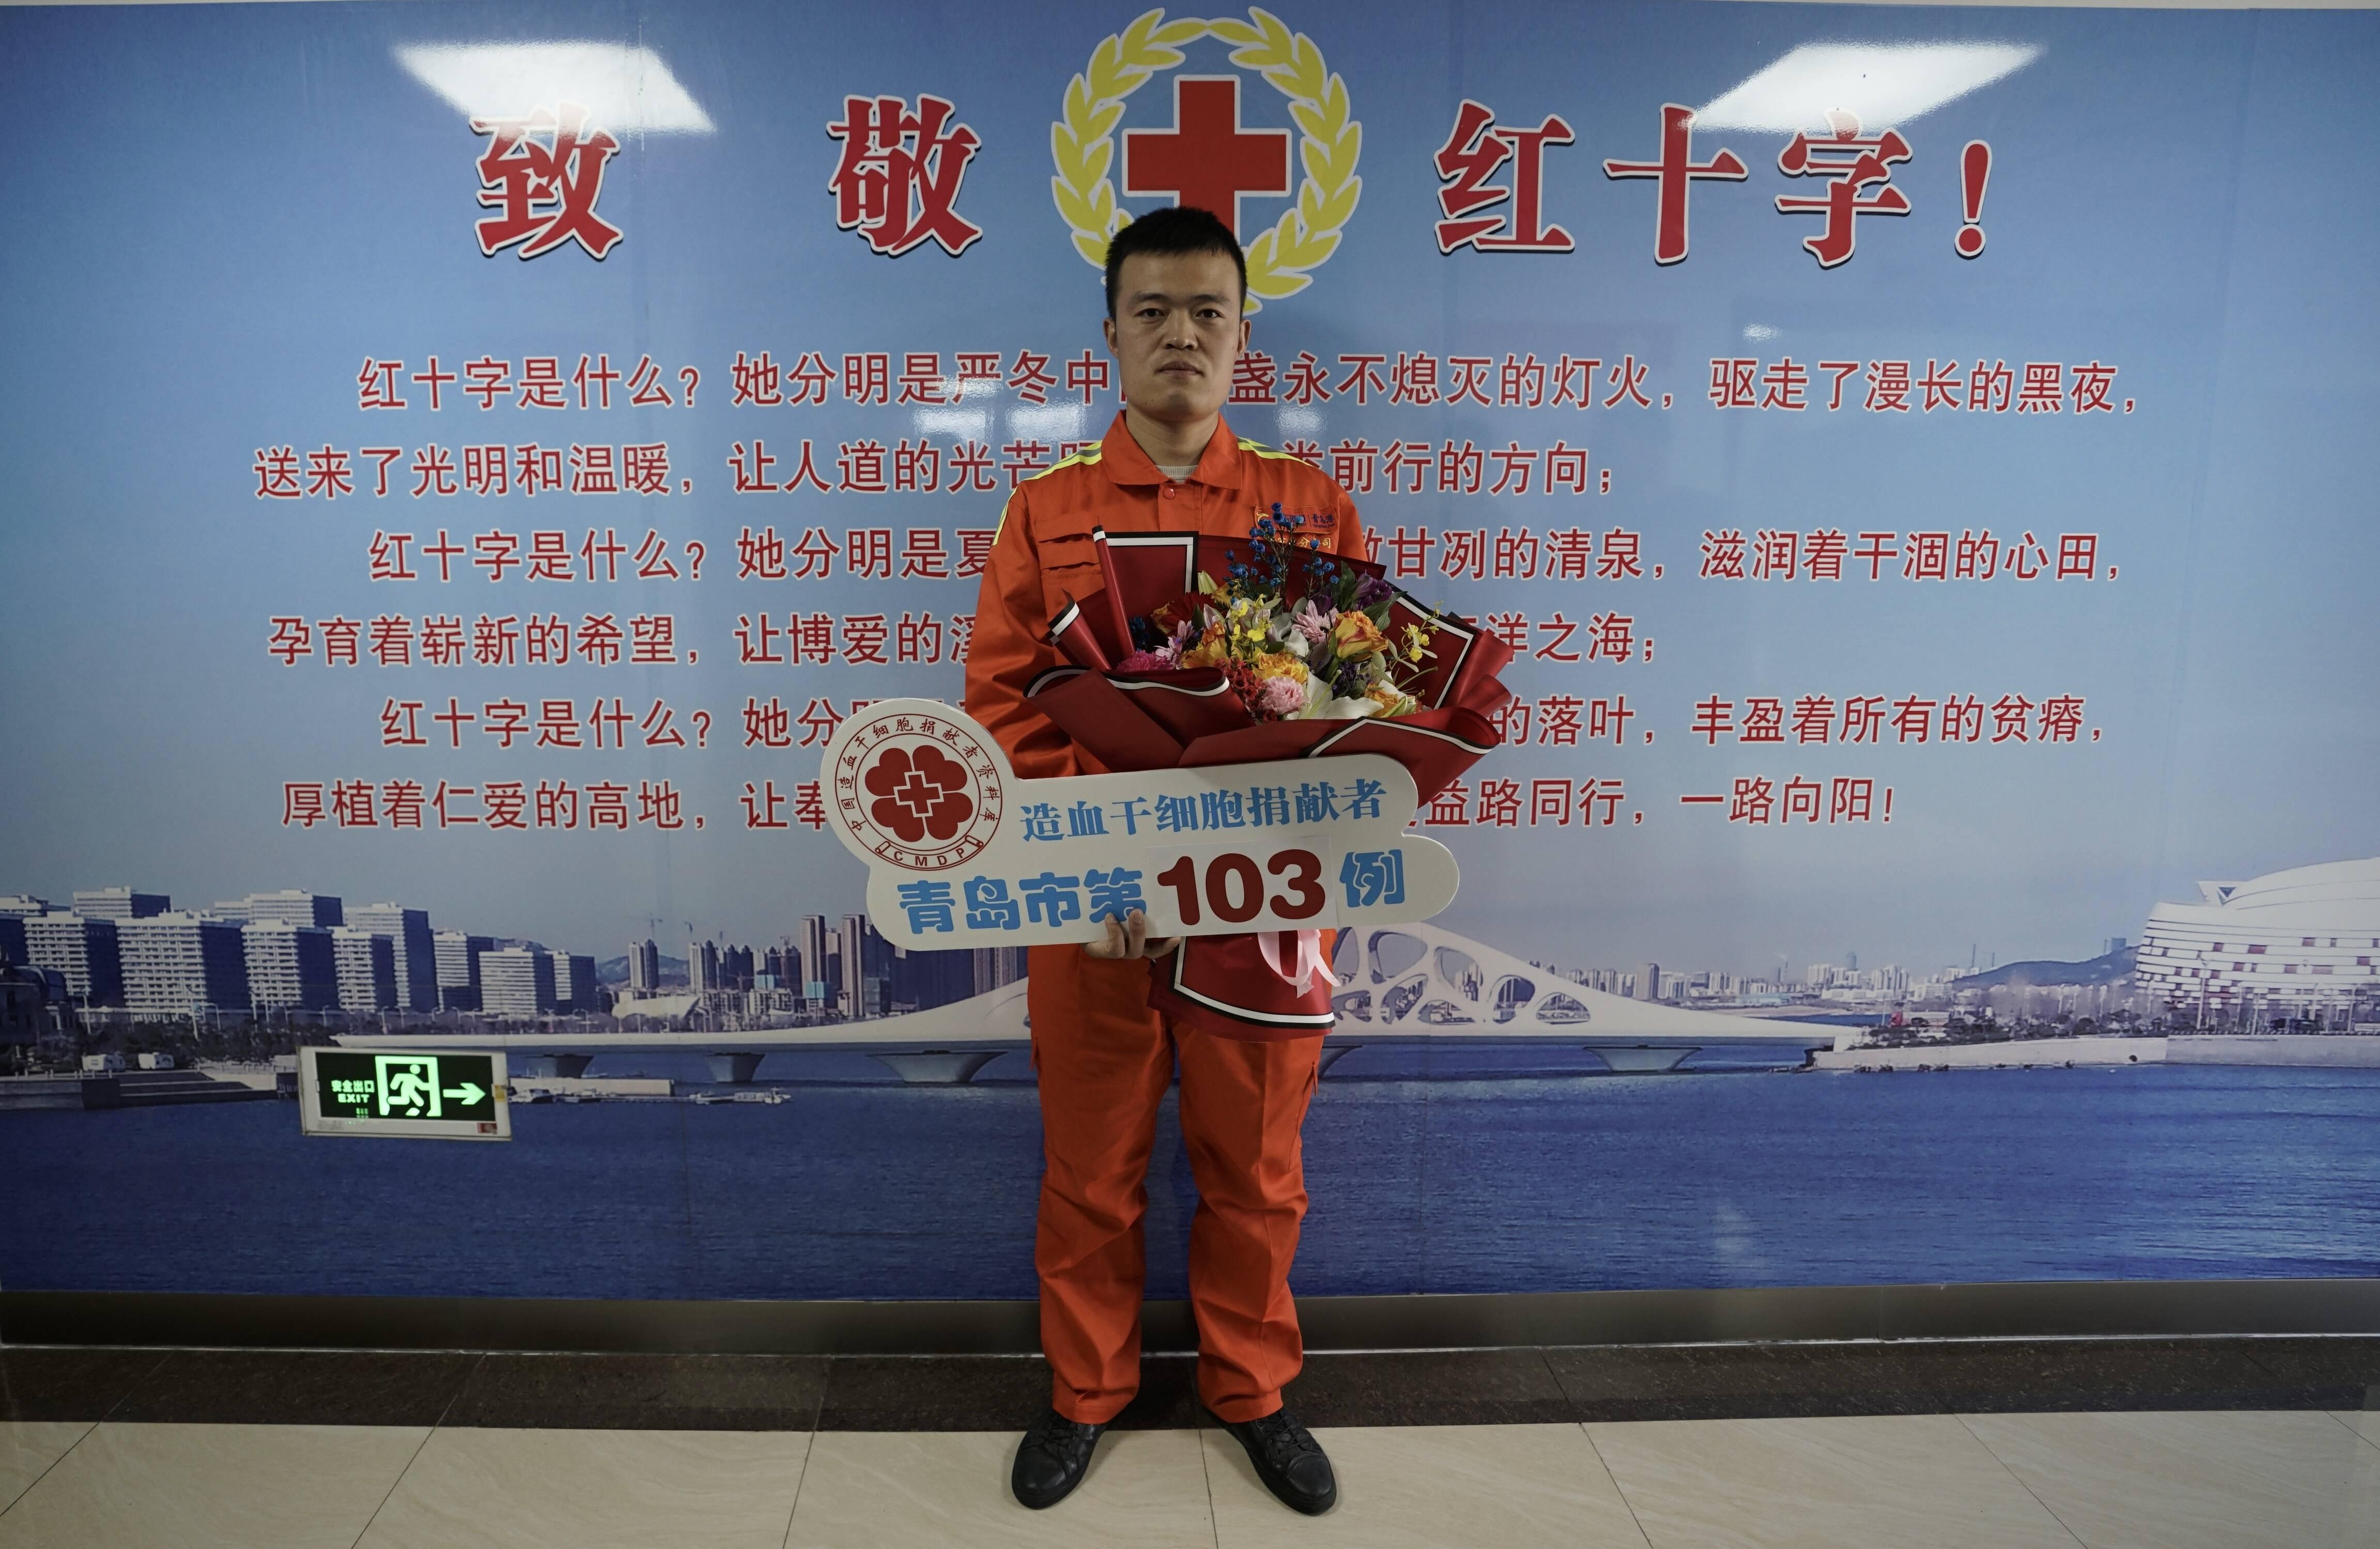 王乐成新区第20例、全市第103例造血干细胞捐献者。记者 谭宁 摄